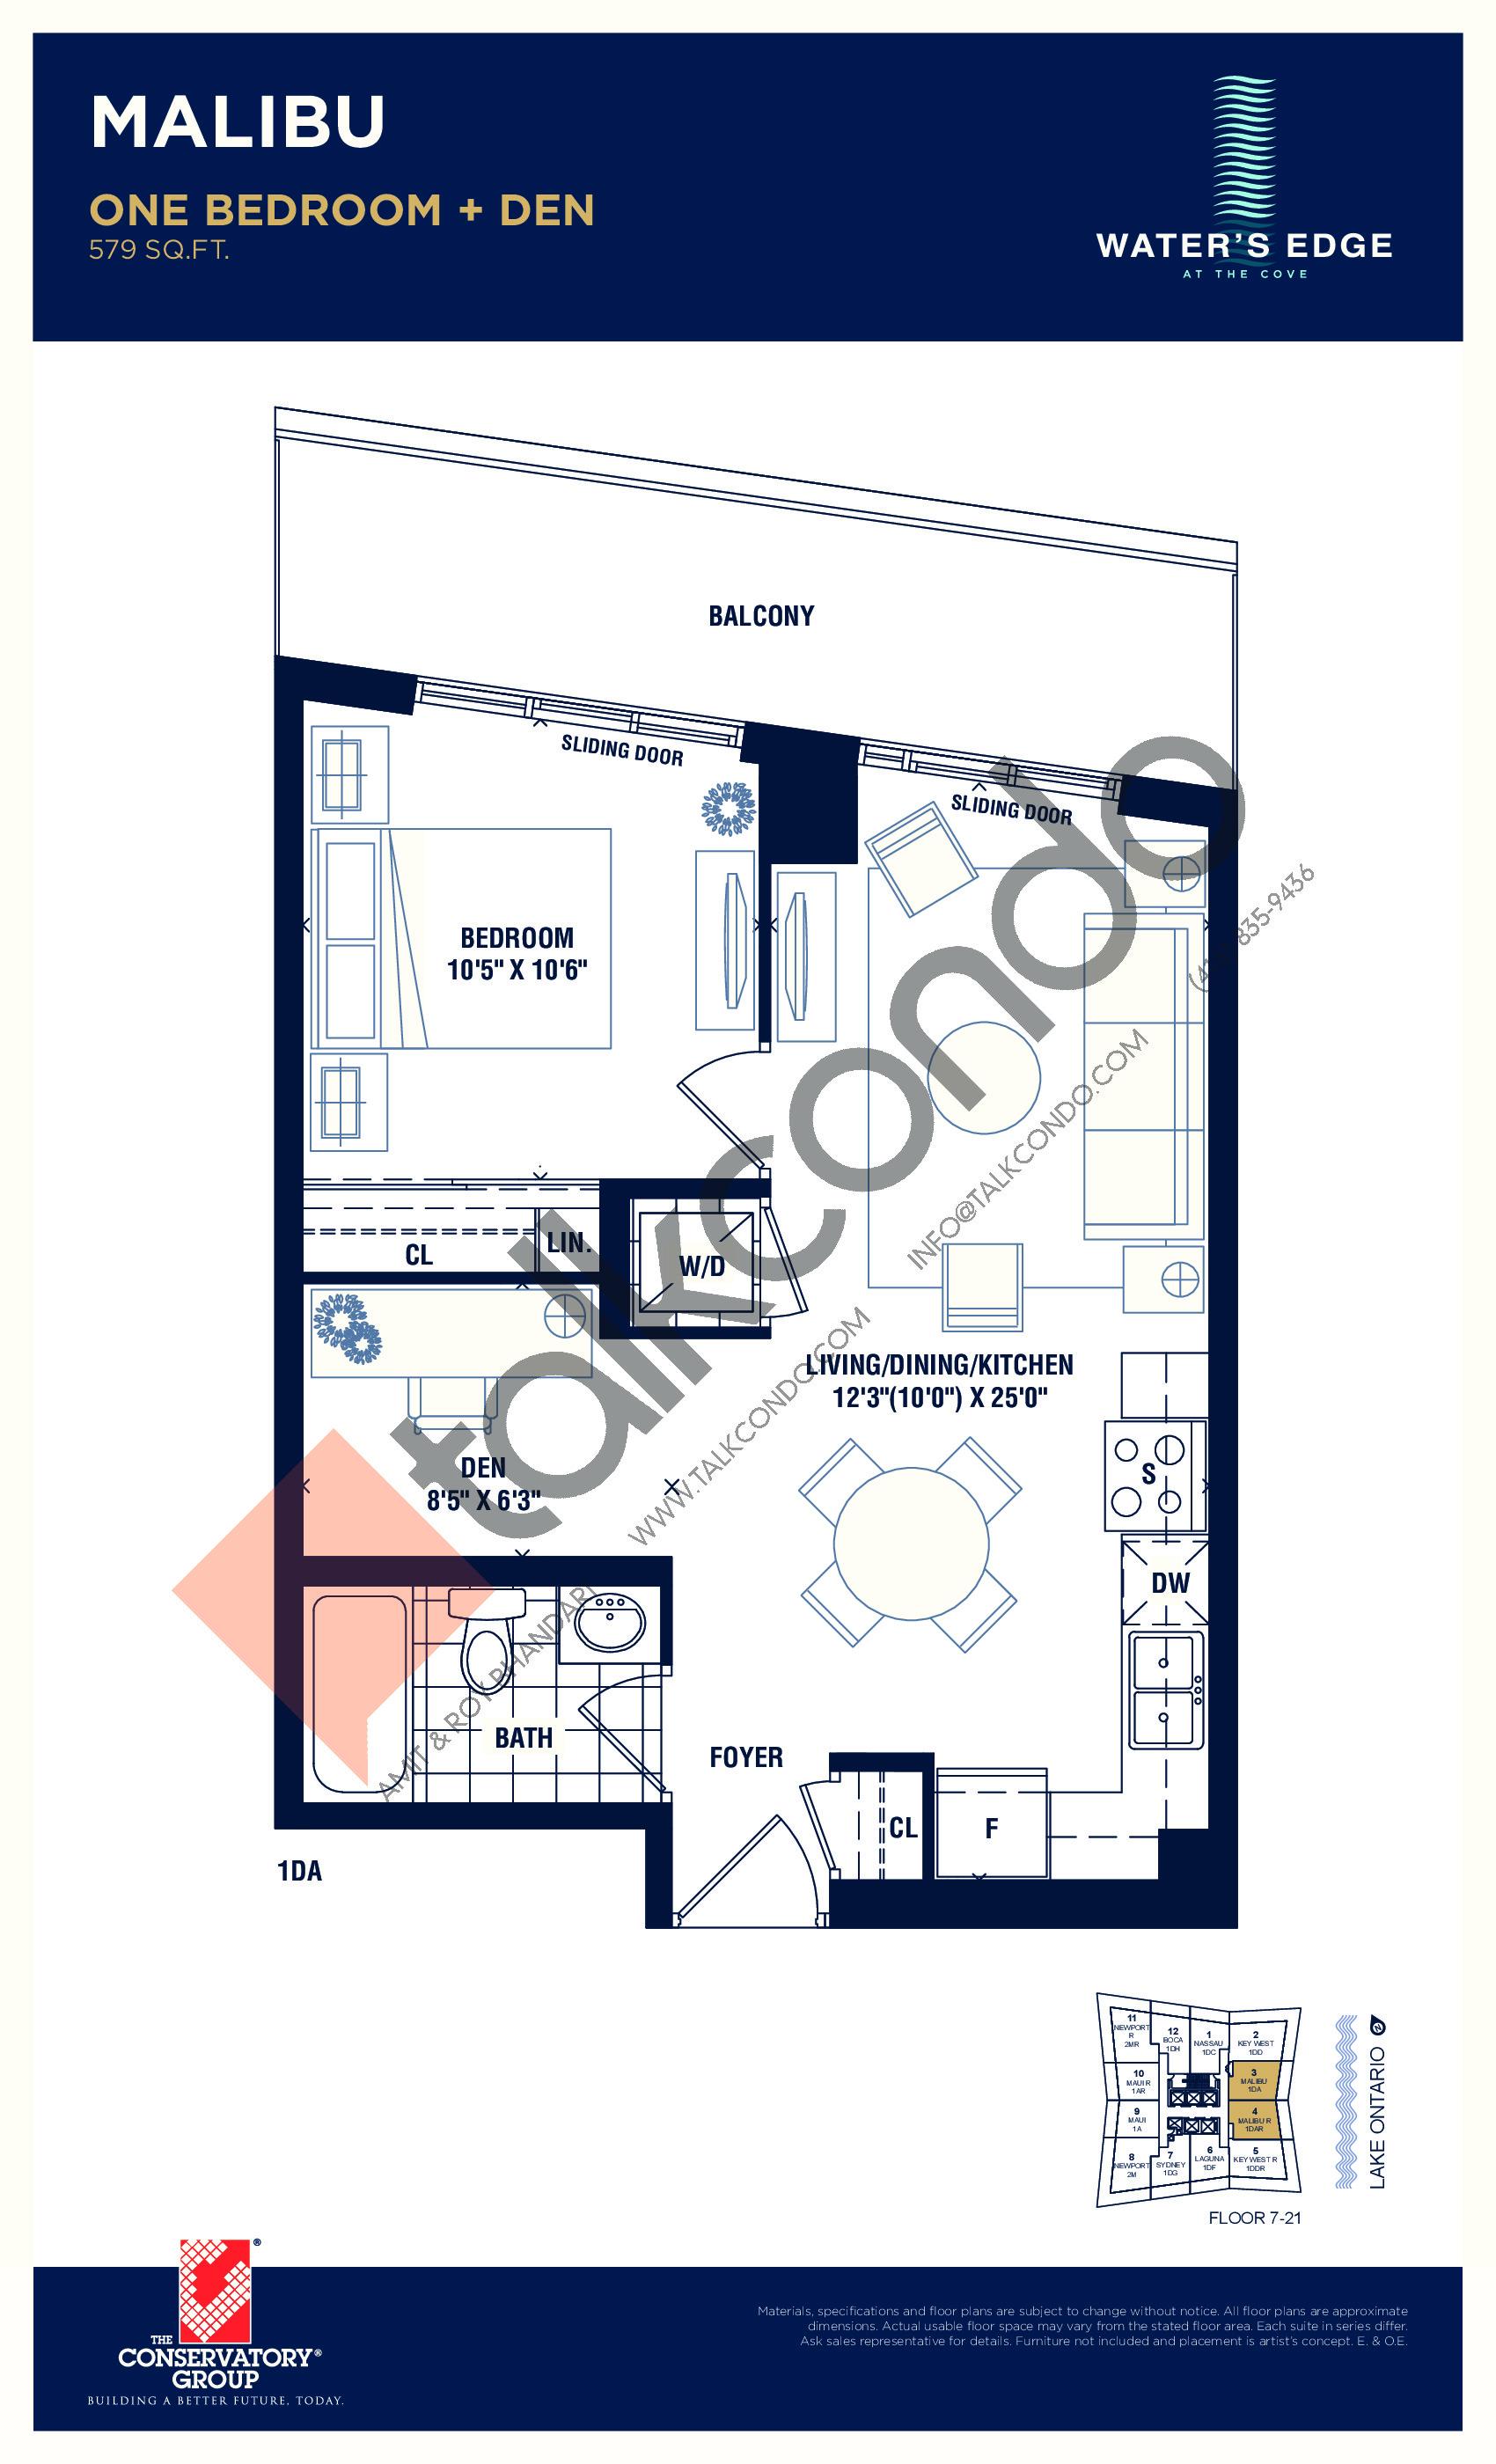 Malibu Floor Plan at Water's Edge at the Cove Condos - 579 sq.ft